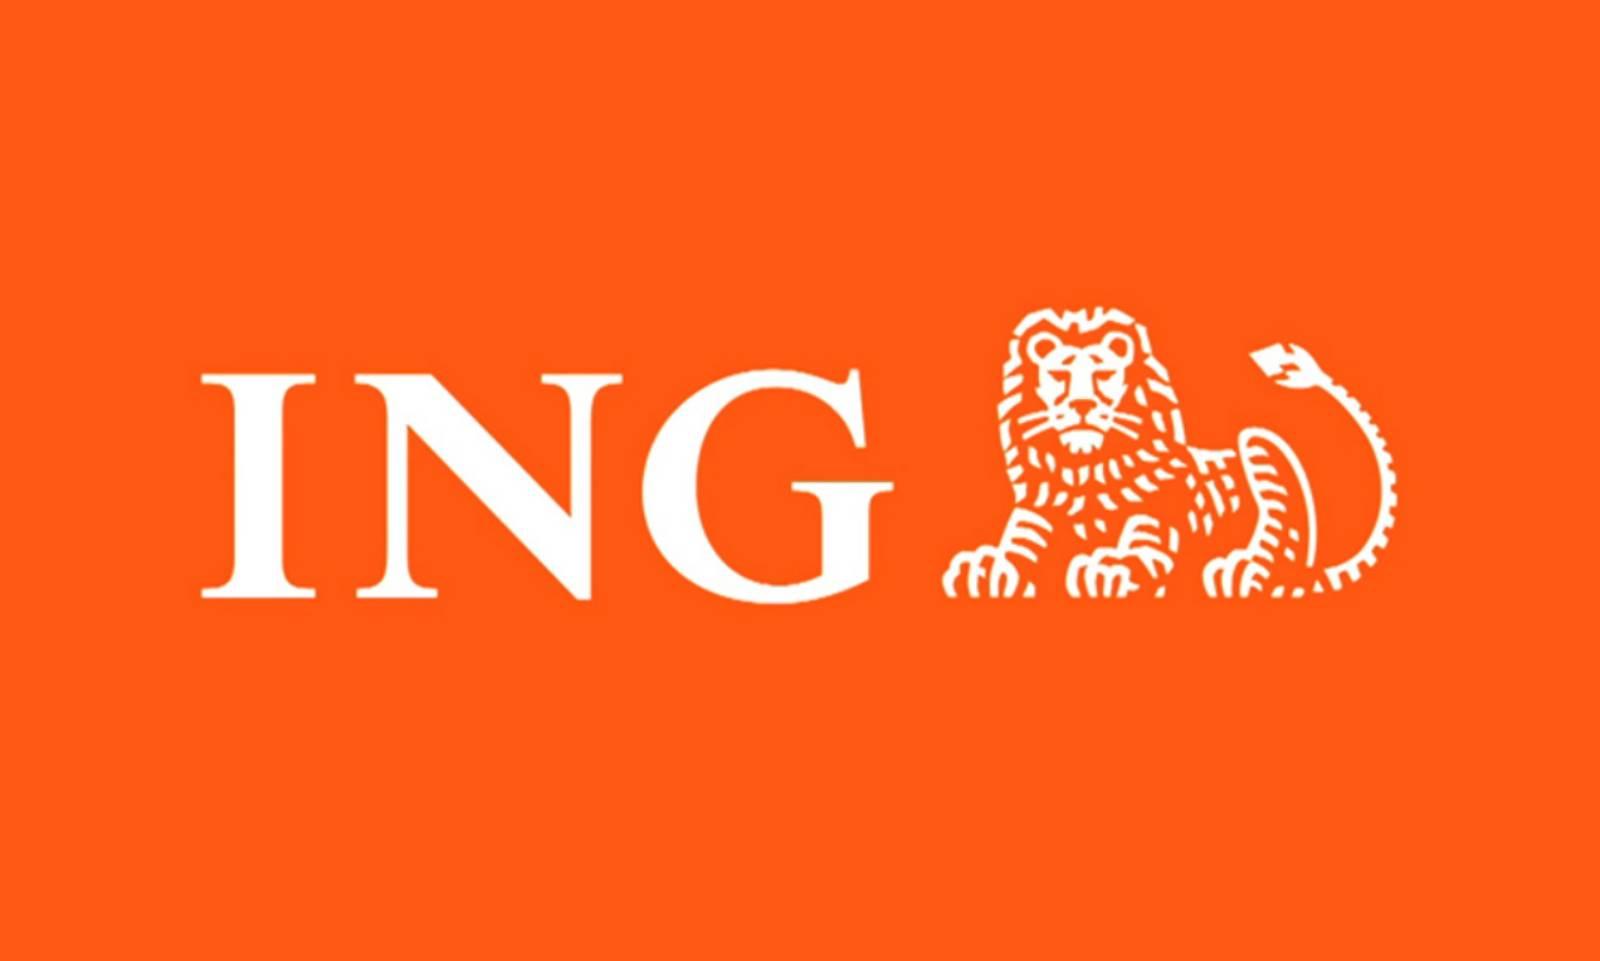 ING Bank google